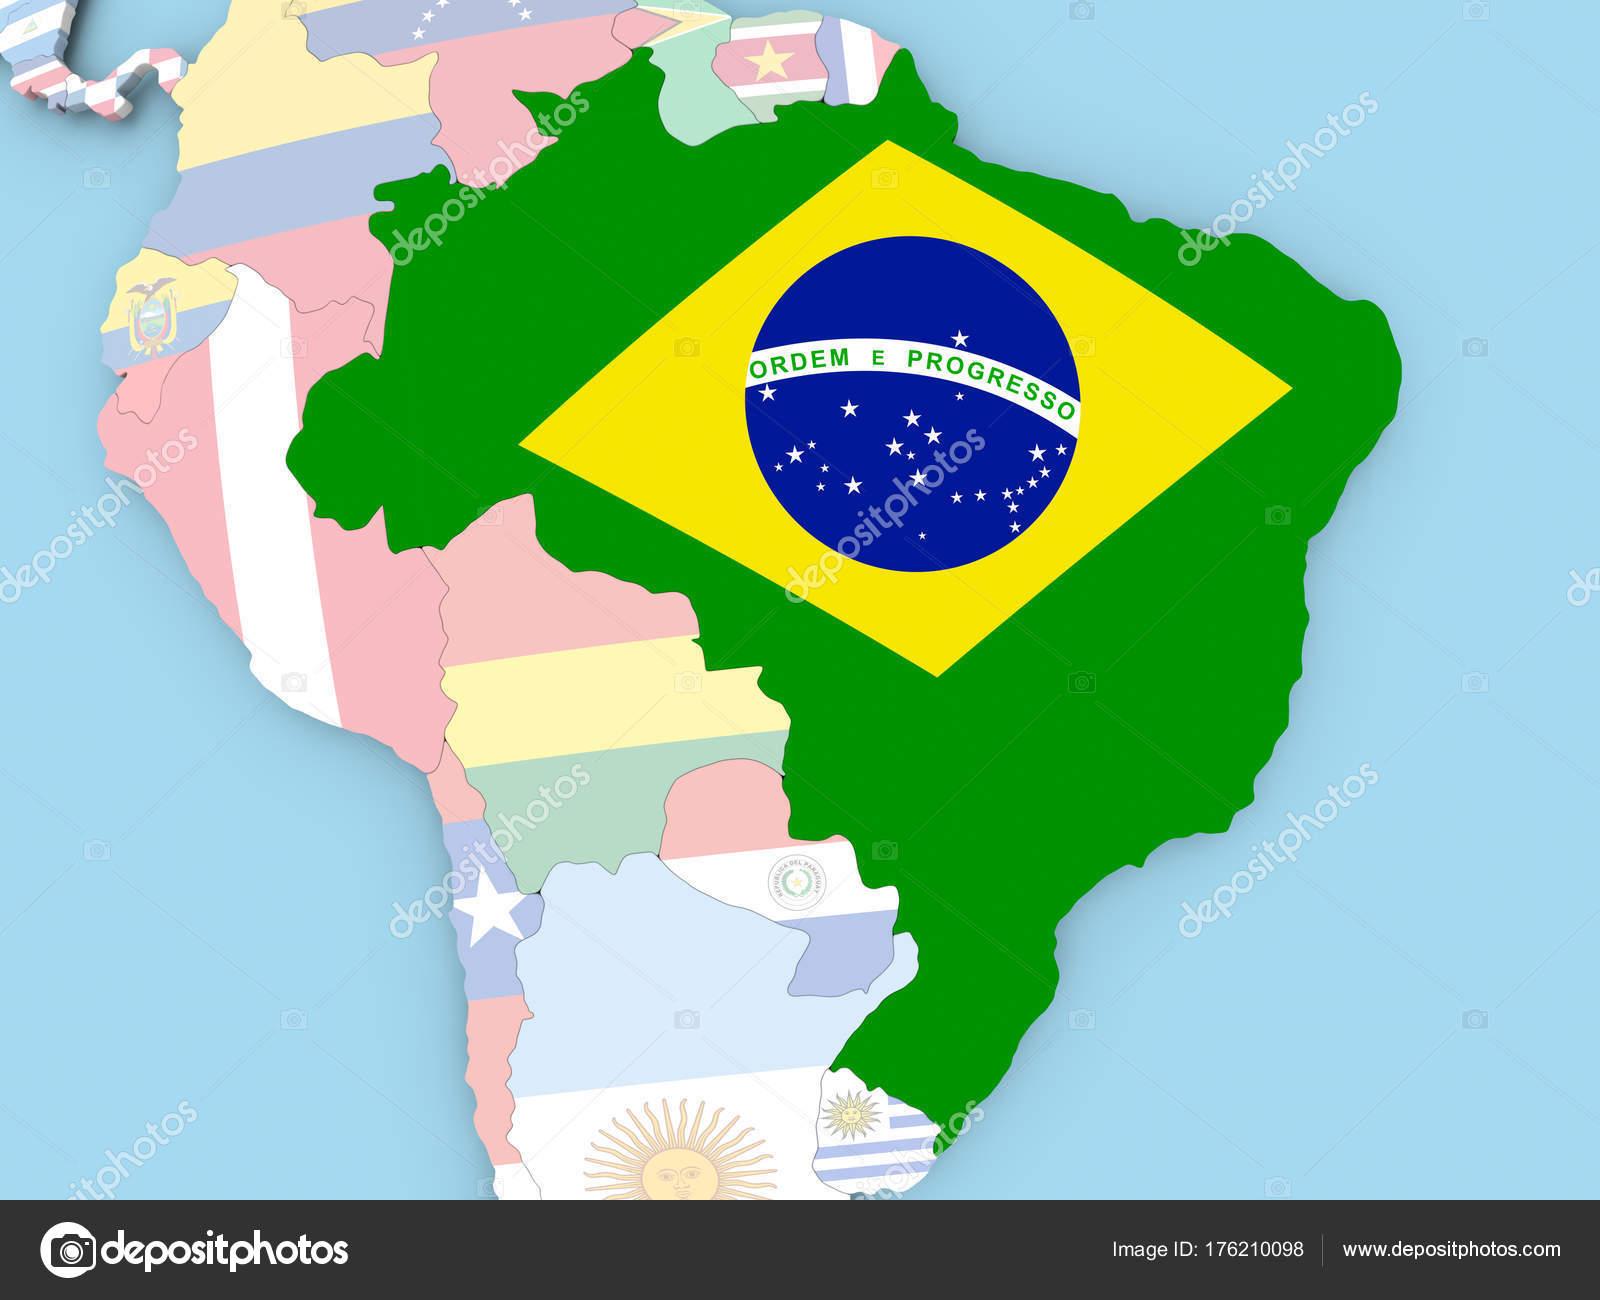 Brasilien Karte Welt.Karte Von Brasilien Mit Flagge Auf Der Ganzen Welt Stockfoto Tom